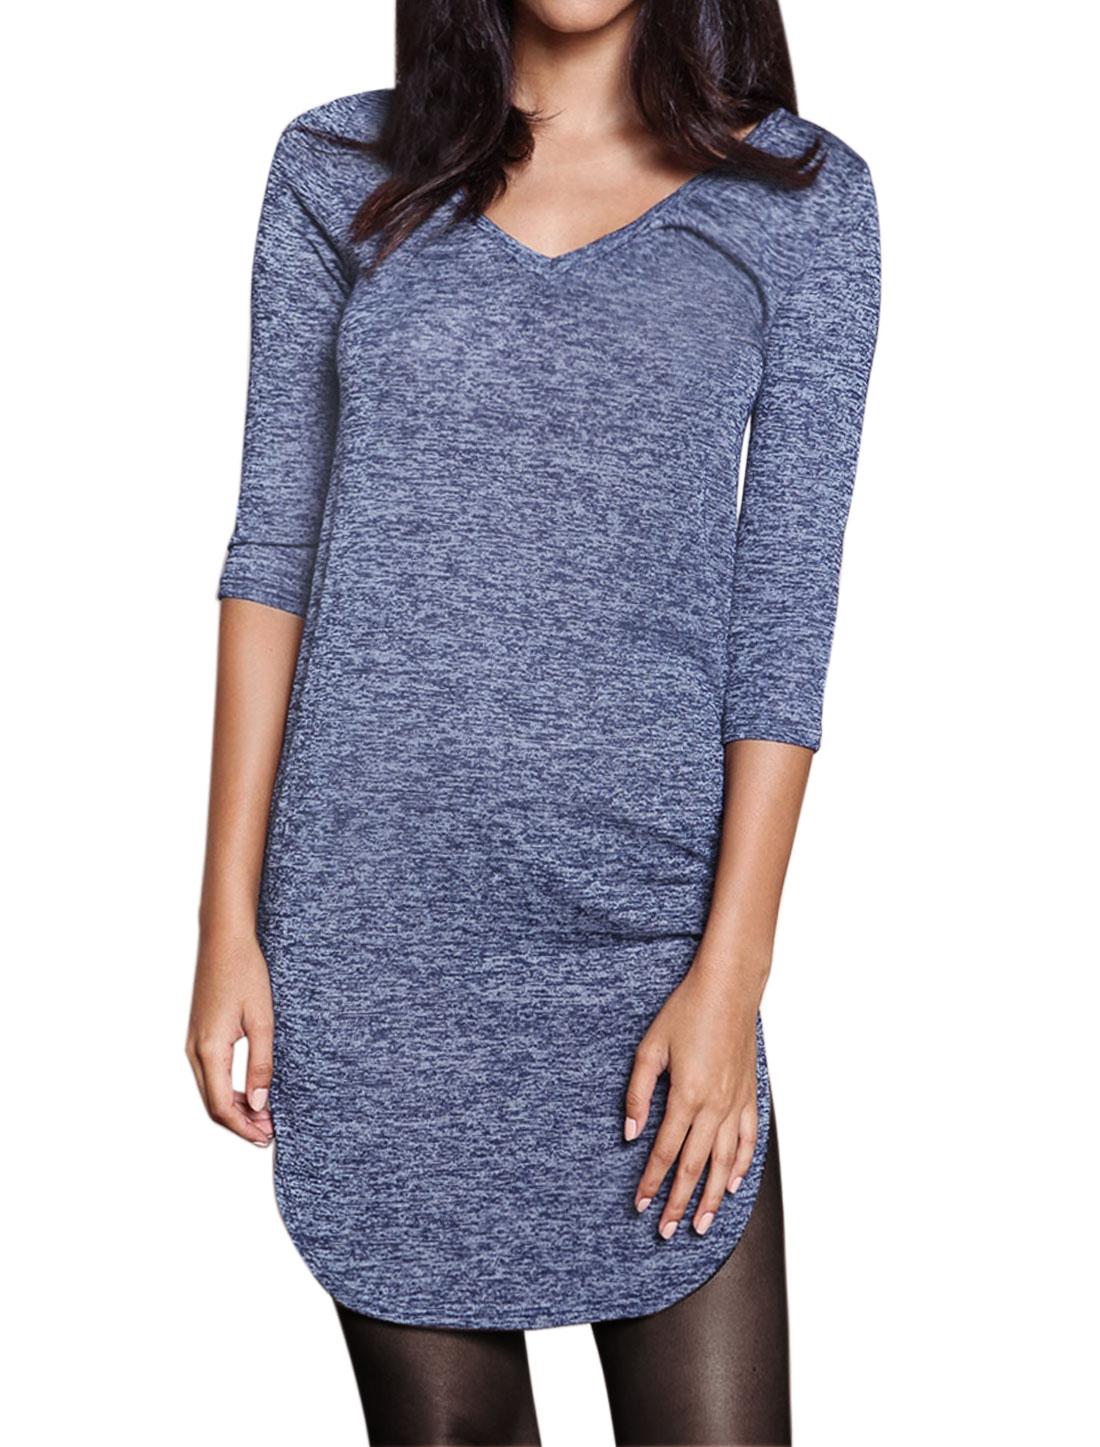 Women V Neck 3/4 Sleeves Round Hem Slim Fit Tunic T-Shirt Blue S